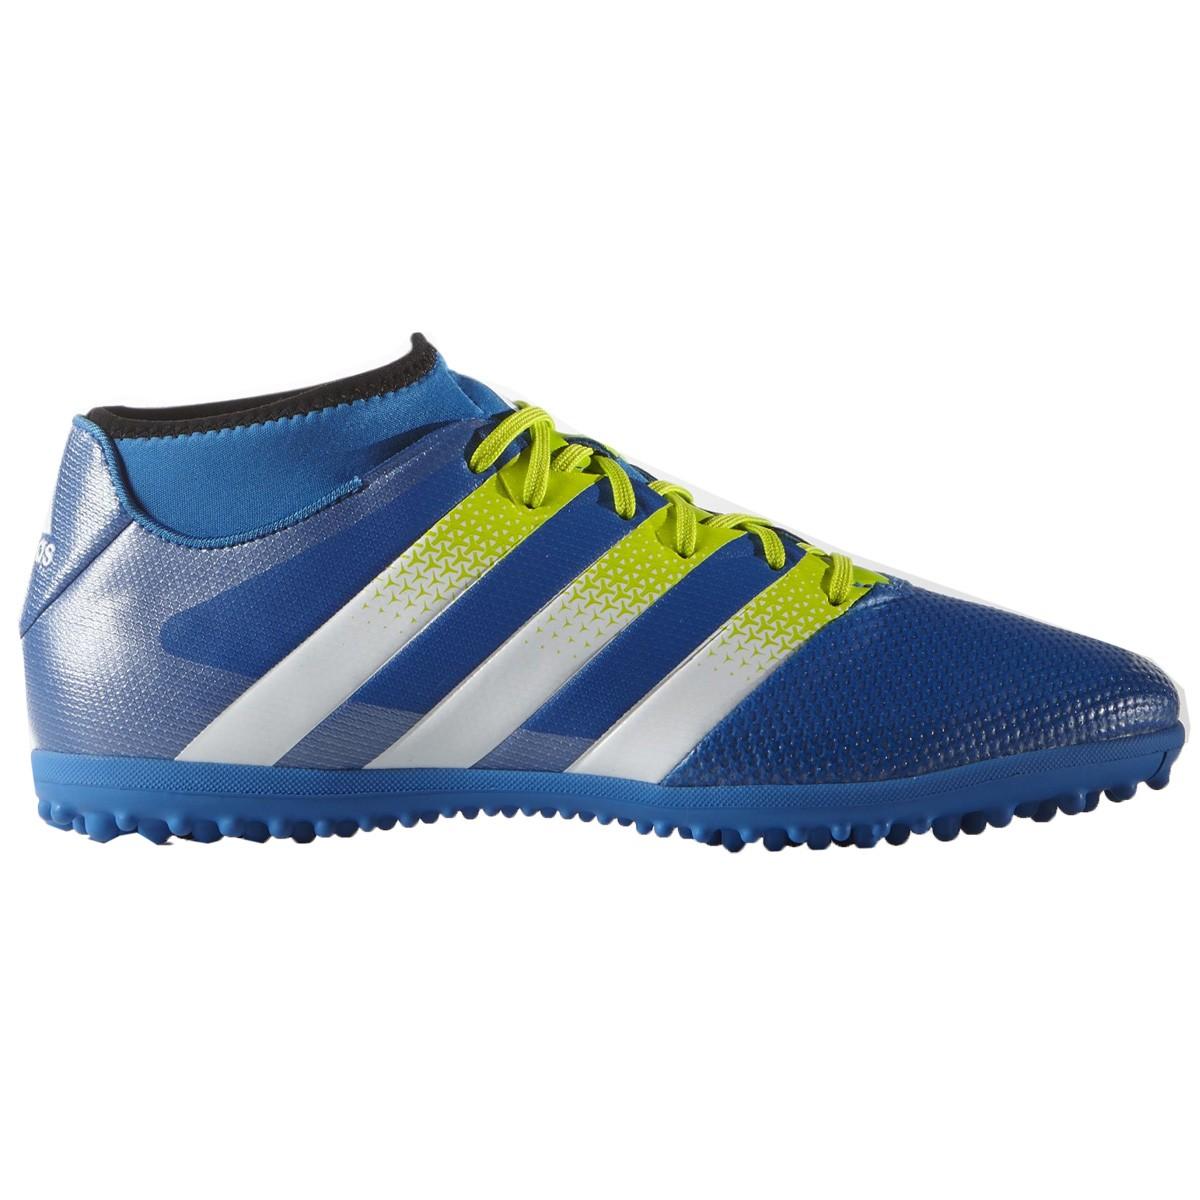 a4d4655b6 Amplie a imagem. Chuteira F7 Adidas Ace 16.3 Primemesh TF  Chuteira F7 Adidas  Ace 16.3 Primemesh TF 2 ...